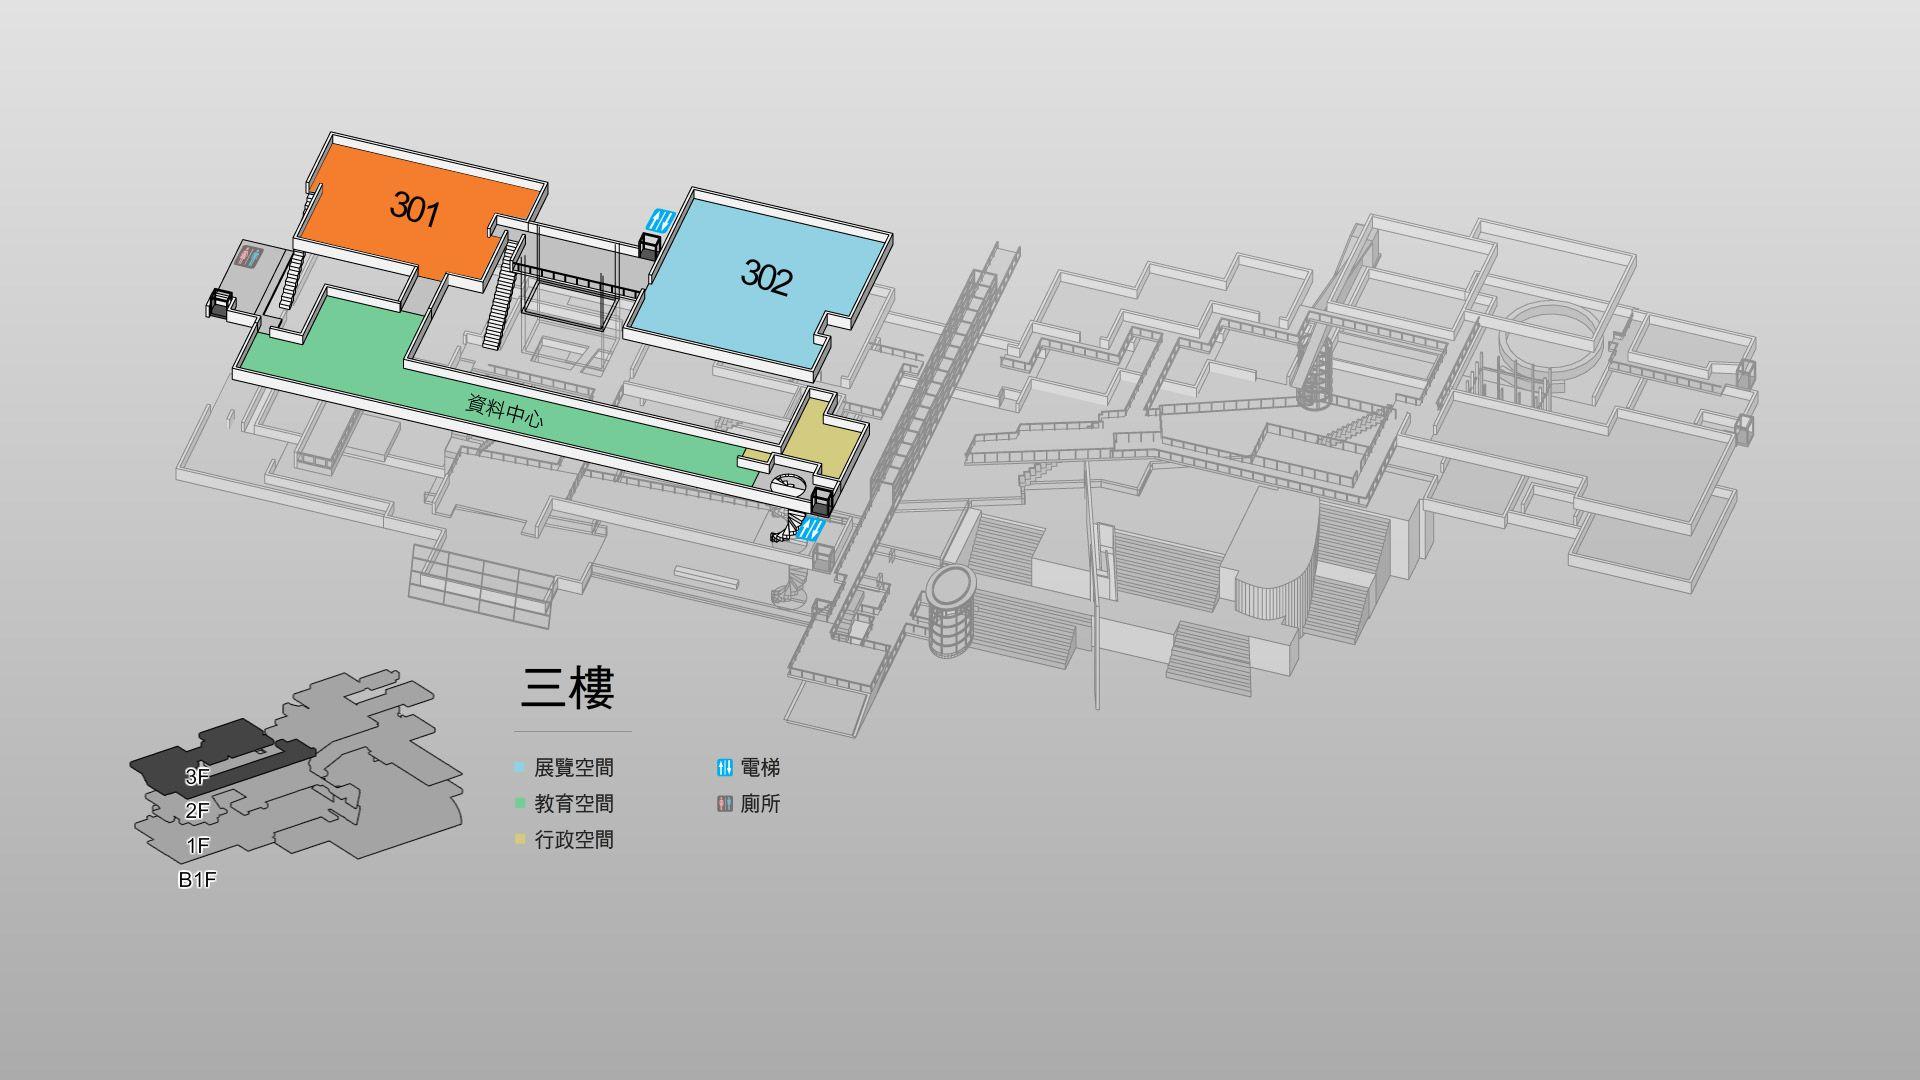 301展覽室平面圖